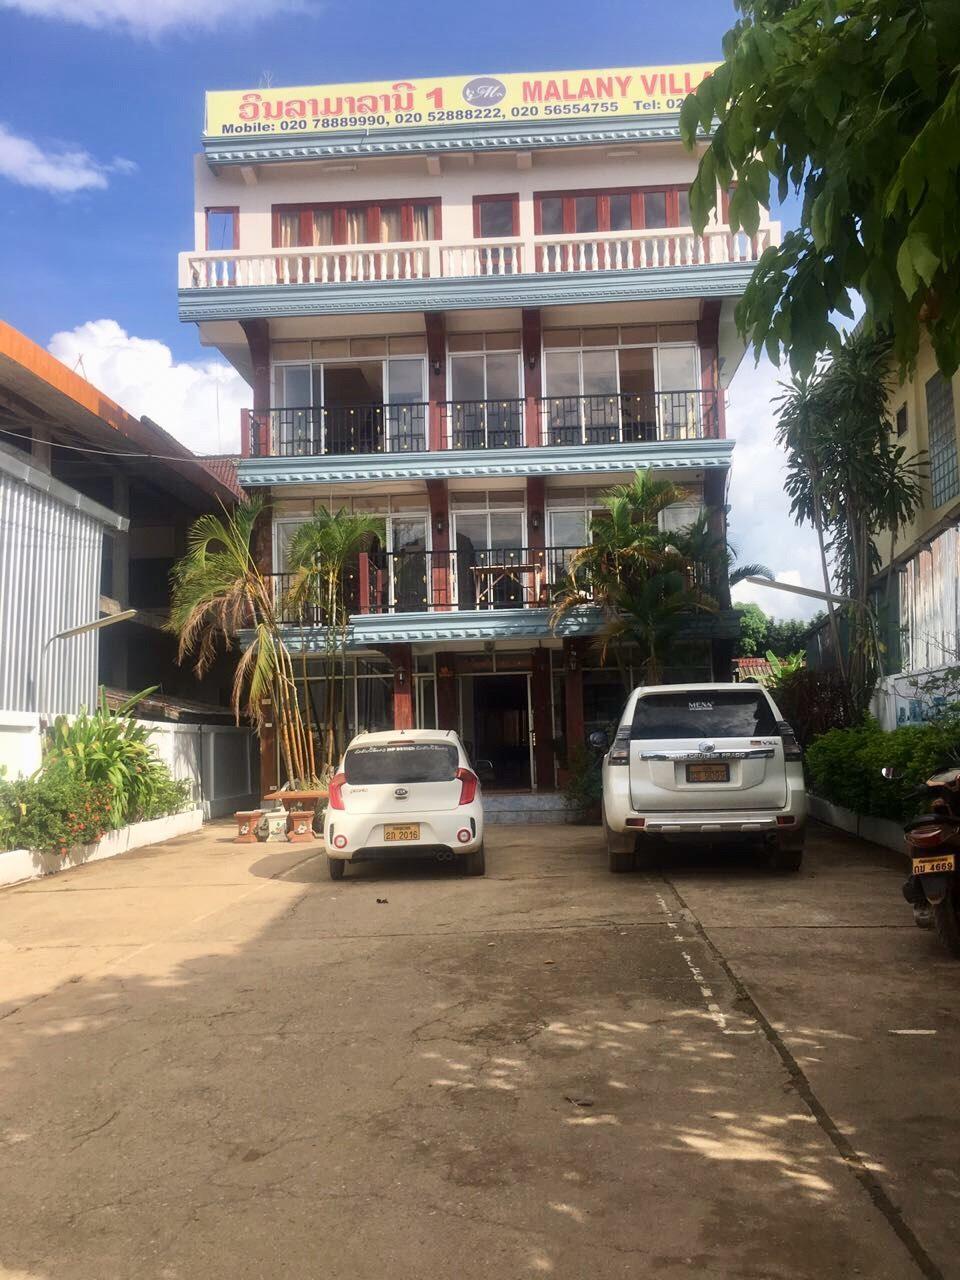 Malany Villa 1